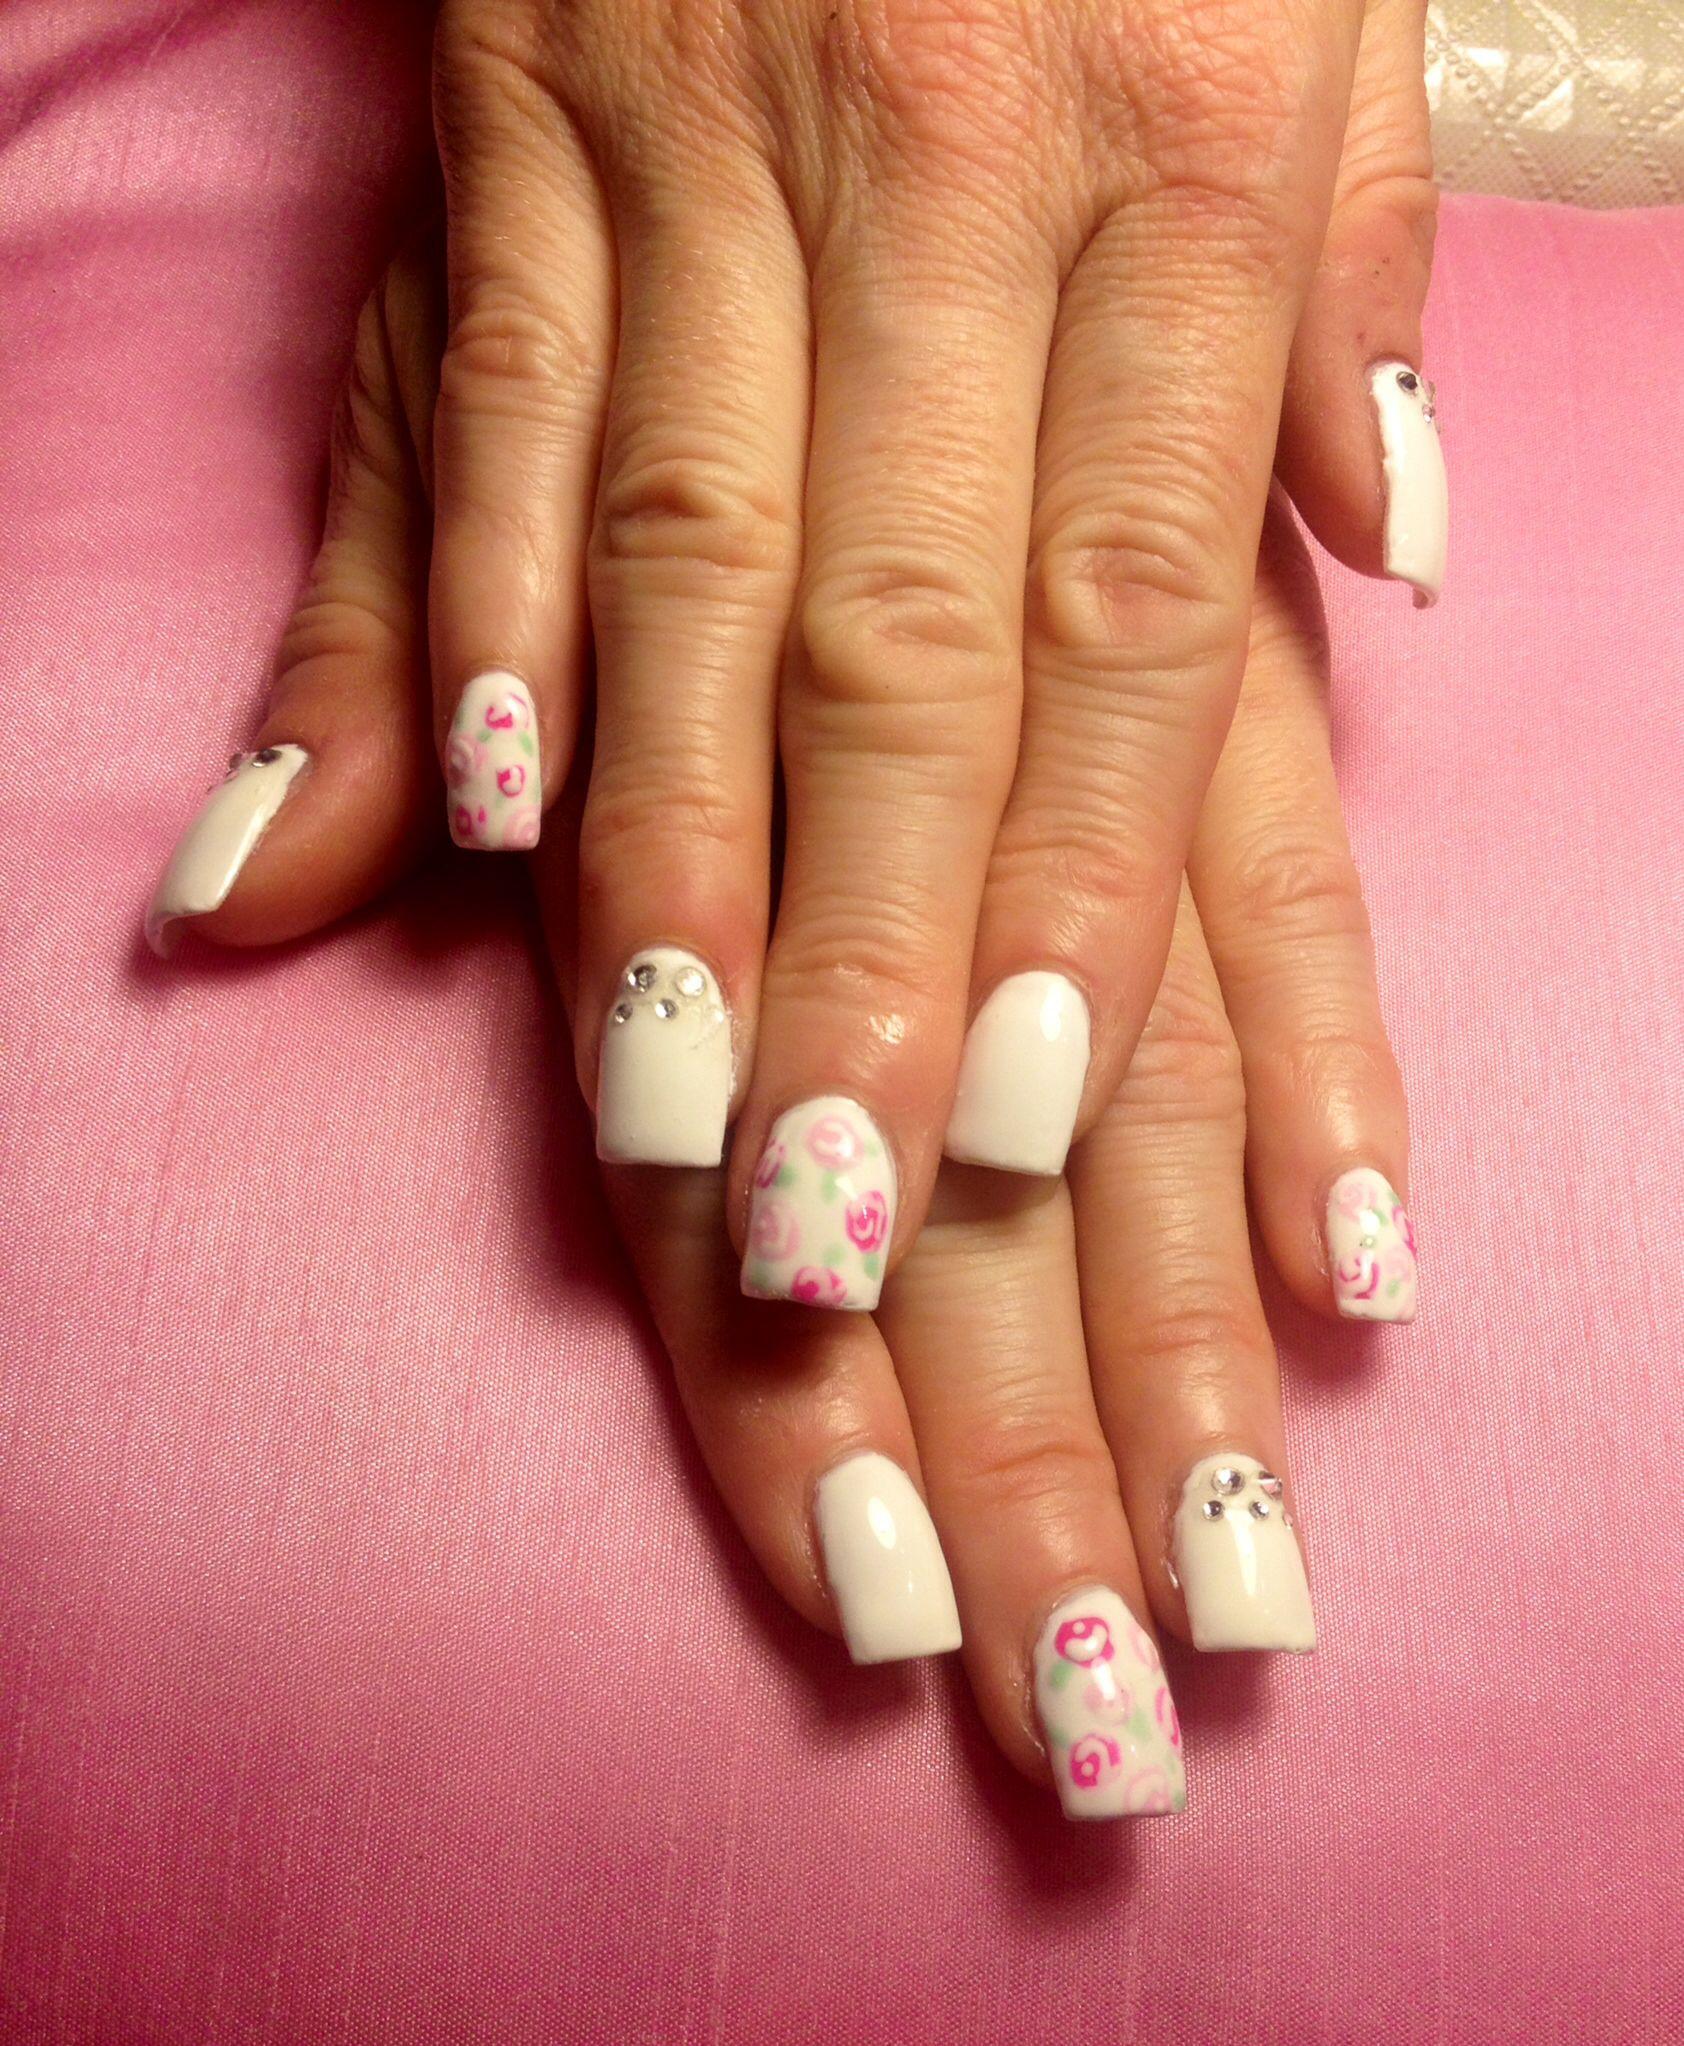 #nails #gel #floral